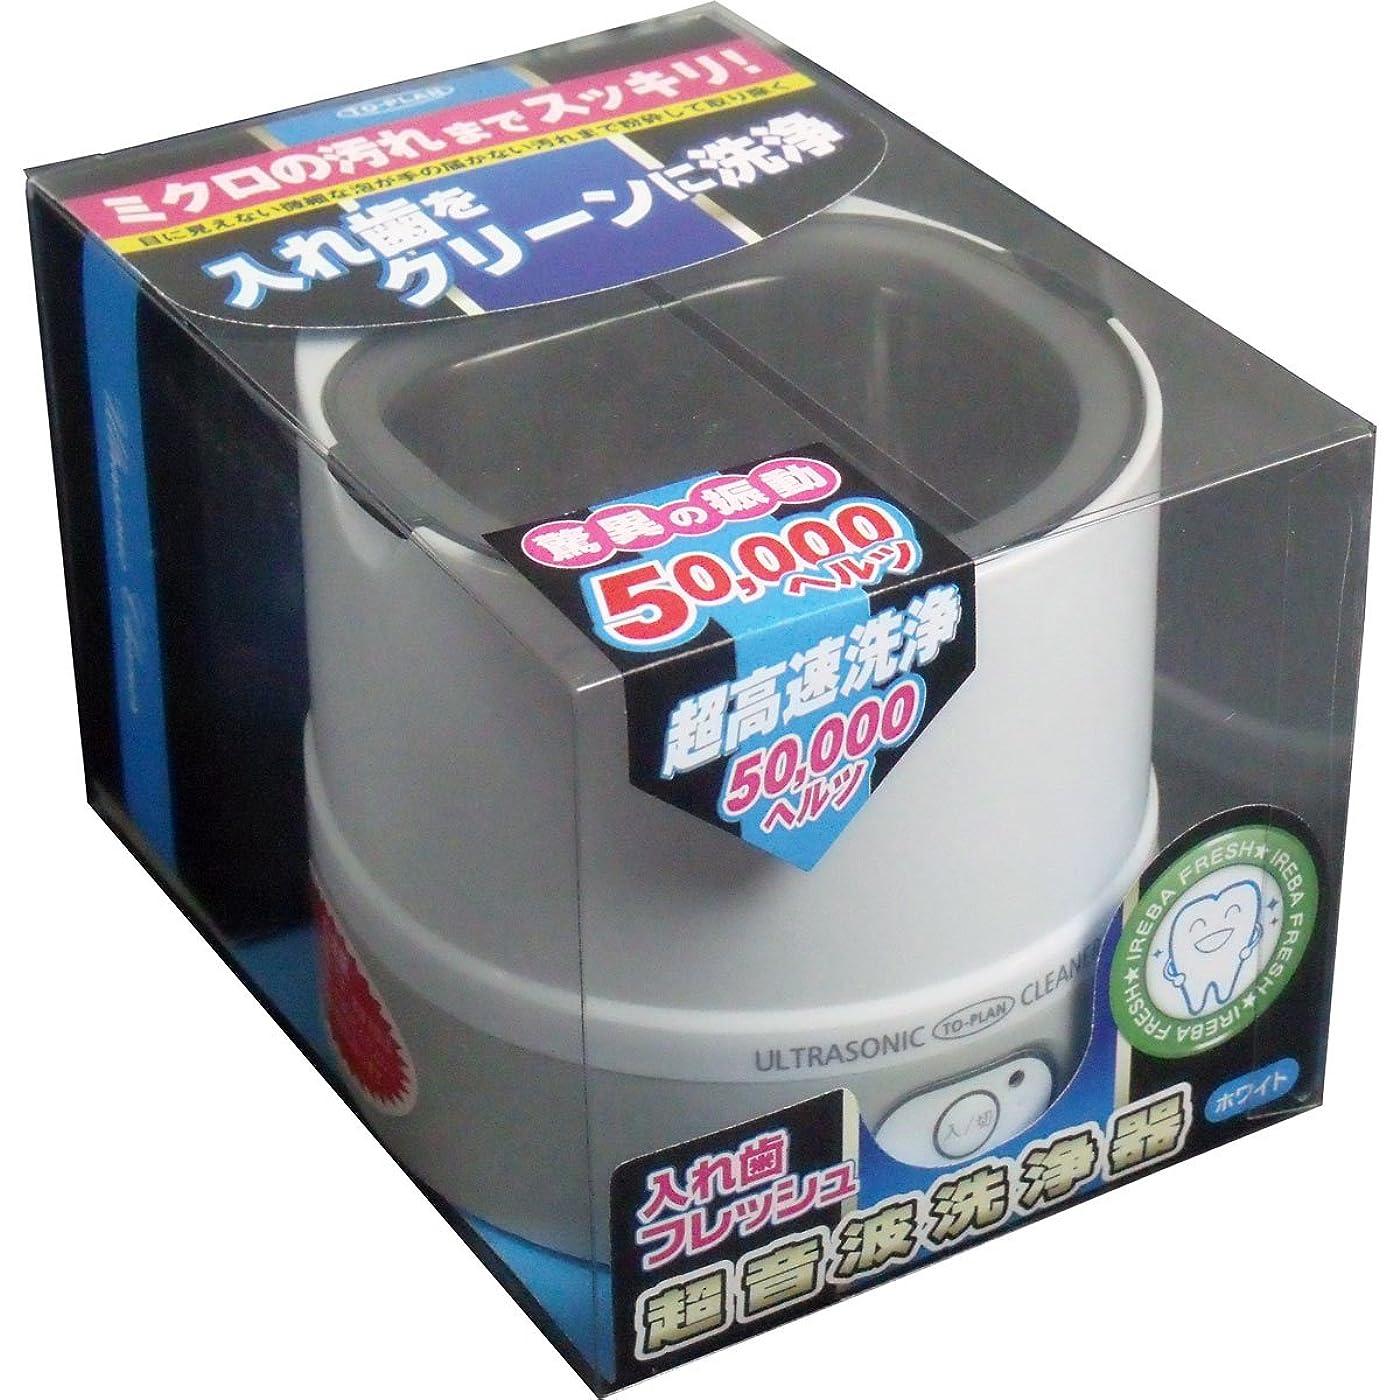 矢彼自身弱めるTO-PLAN(トプラン) 超音波入れ歯洗浄器 TKSM-008(W)